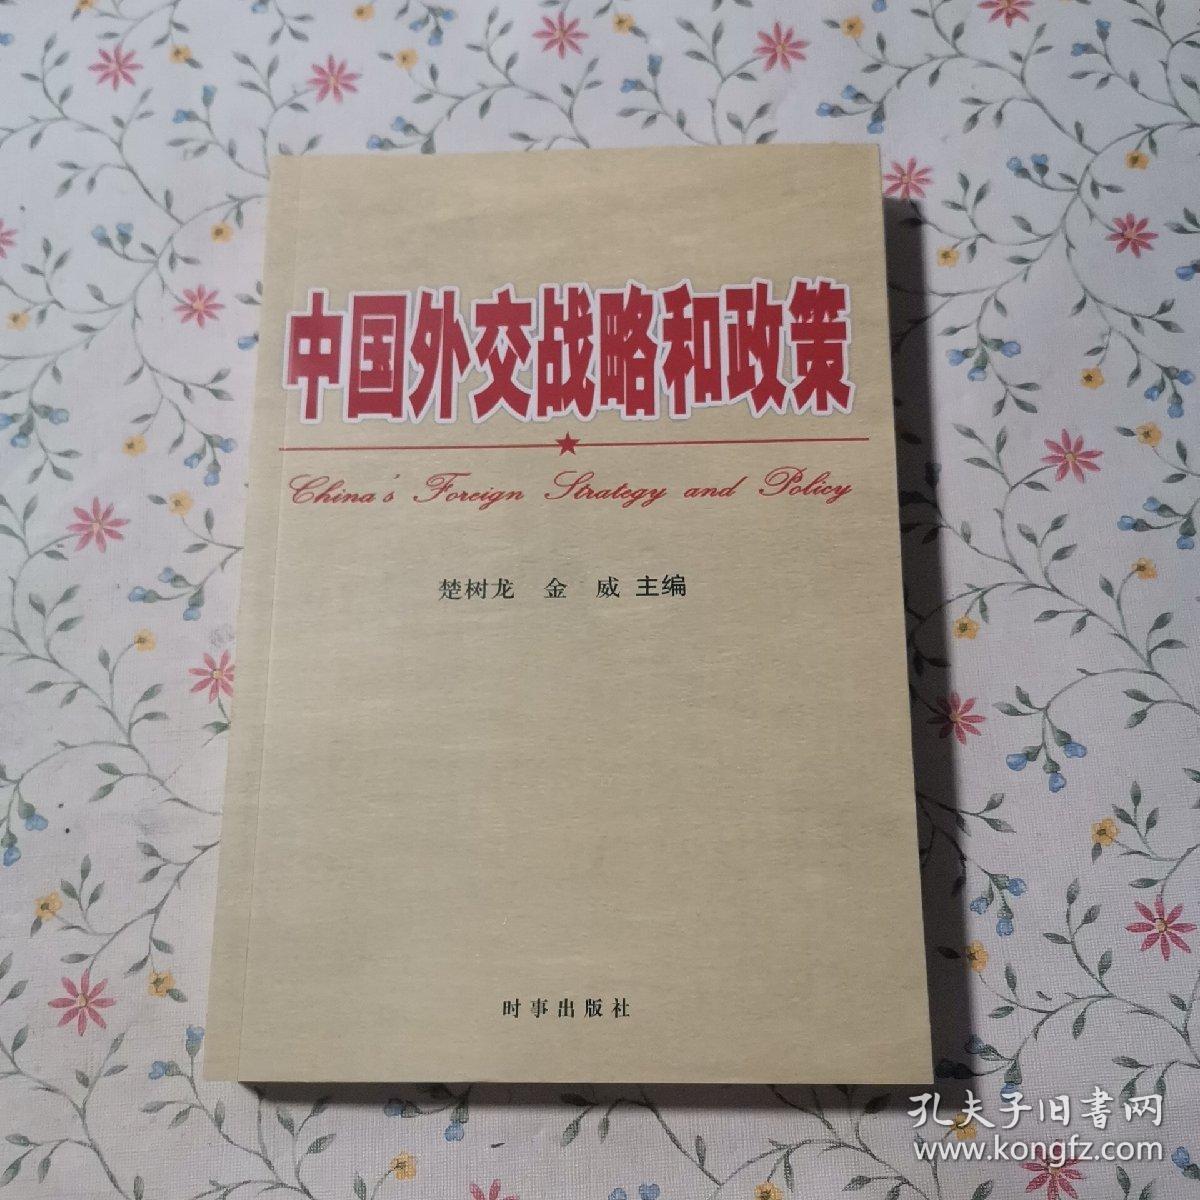 中国外交战略和政策